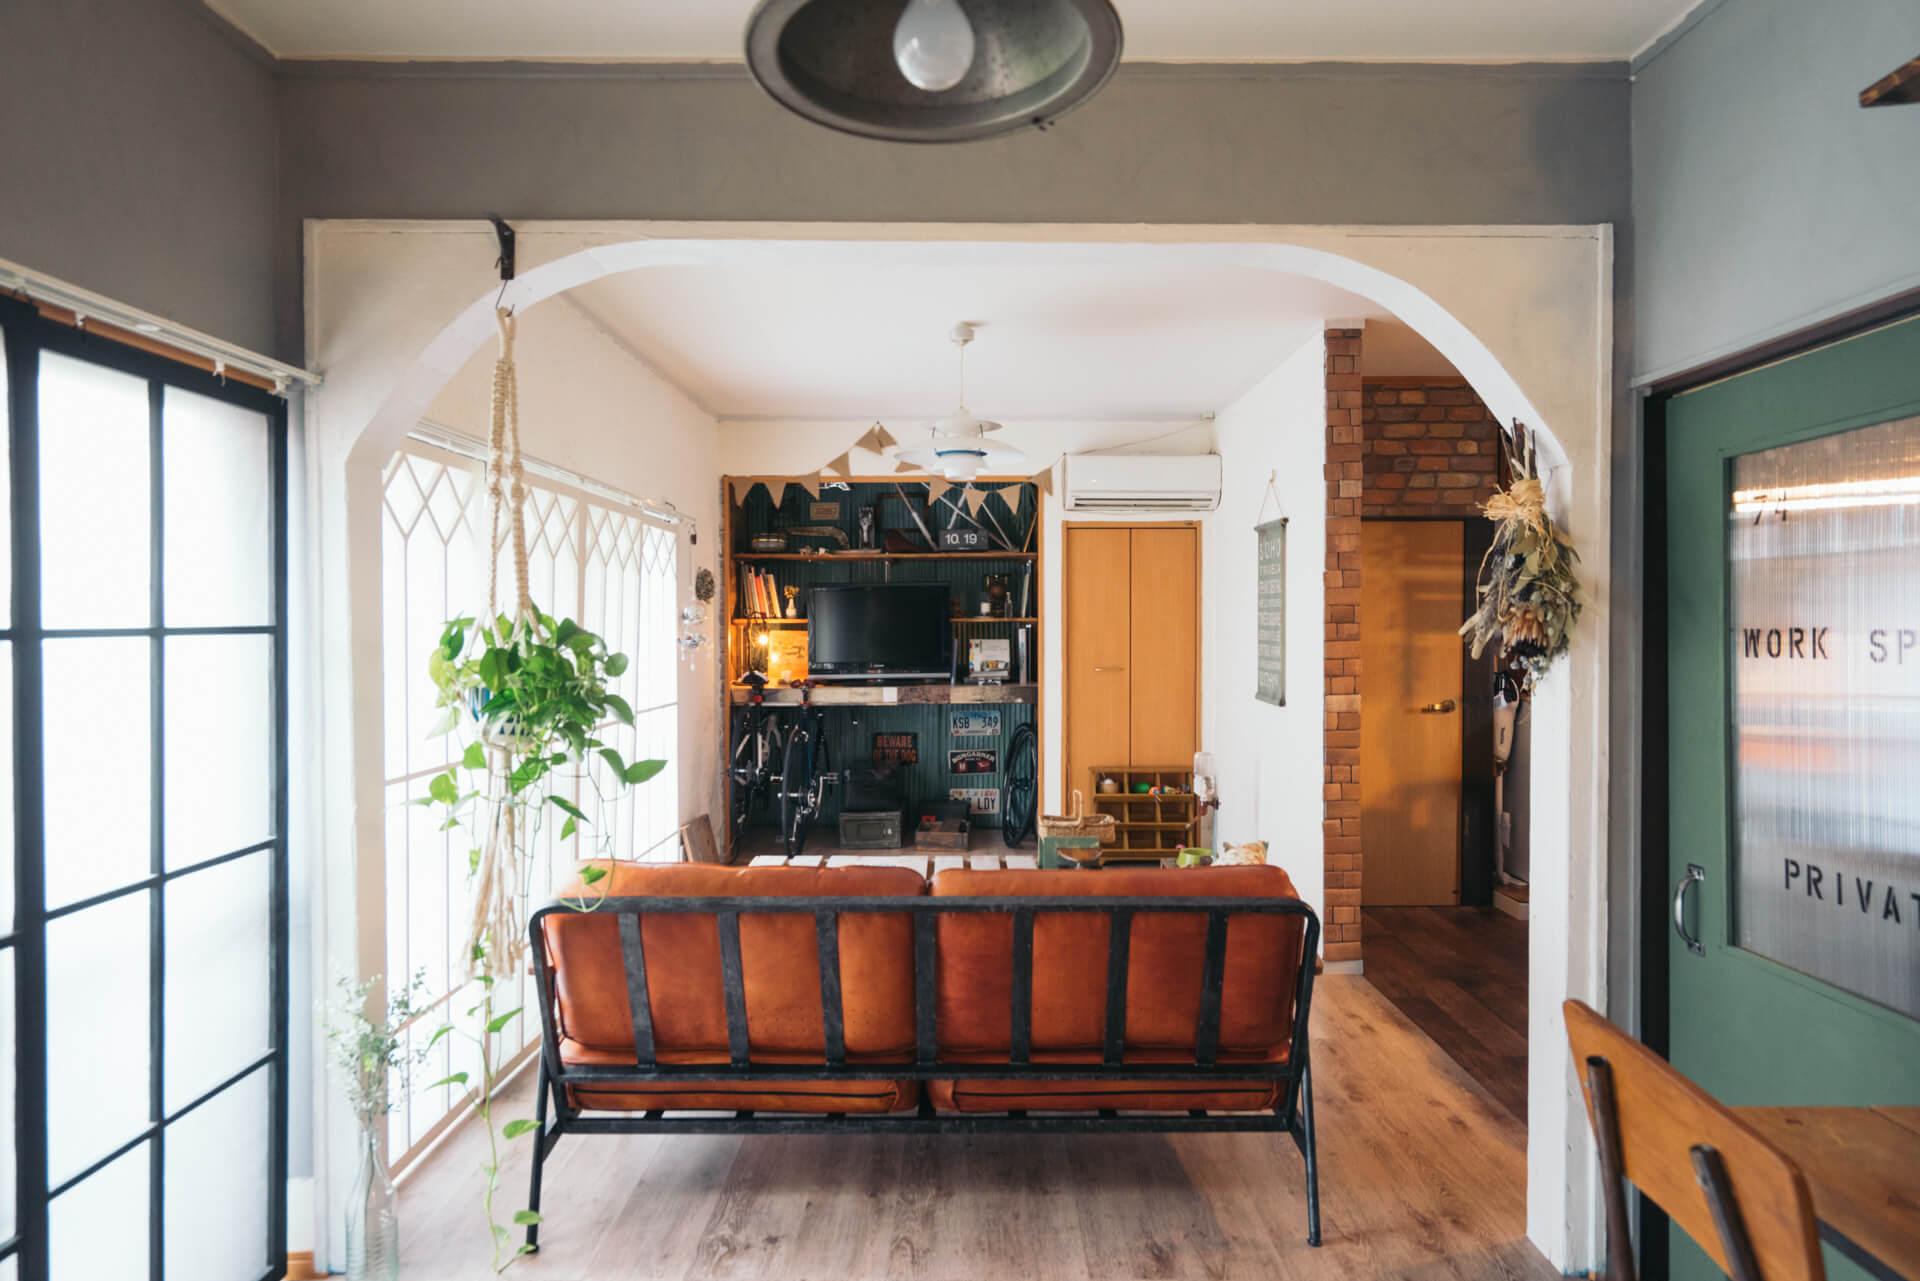 1階の間取りはもともと2DK。部屋と部屋の仕切りの部分はベニヤ板を使ってアーチを